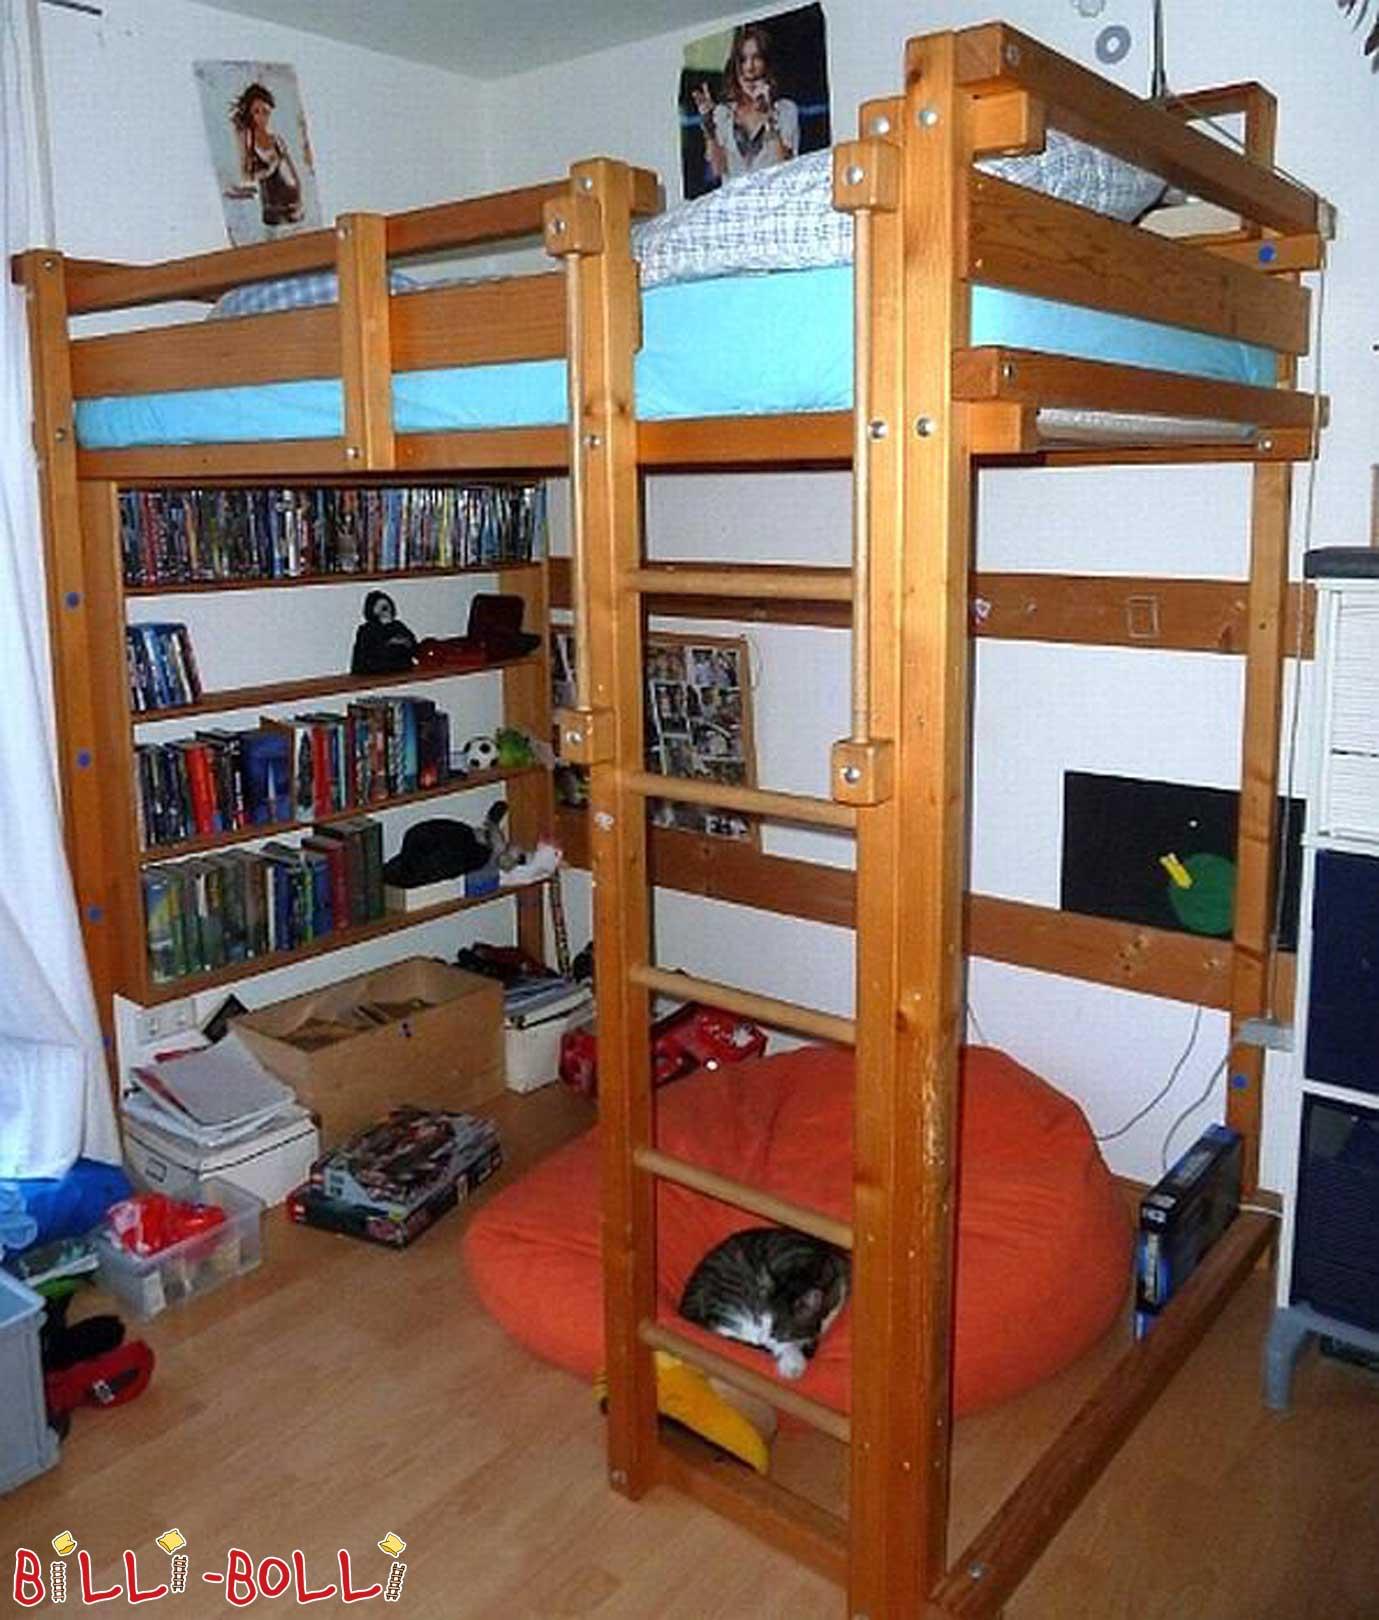 secondhand seite 109 billi bolli kinderm bel. Black Bedroom Furniture Sets. Home Design Ideas